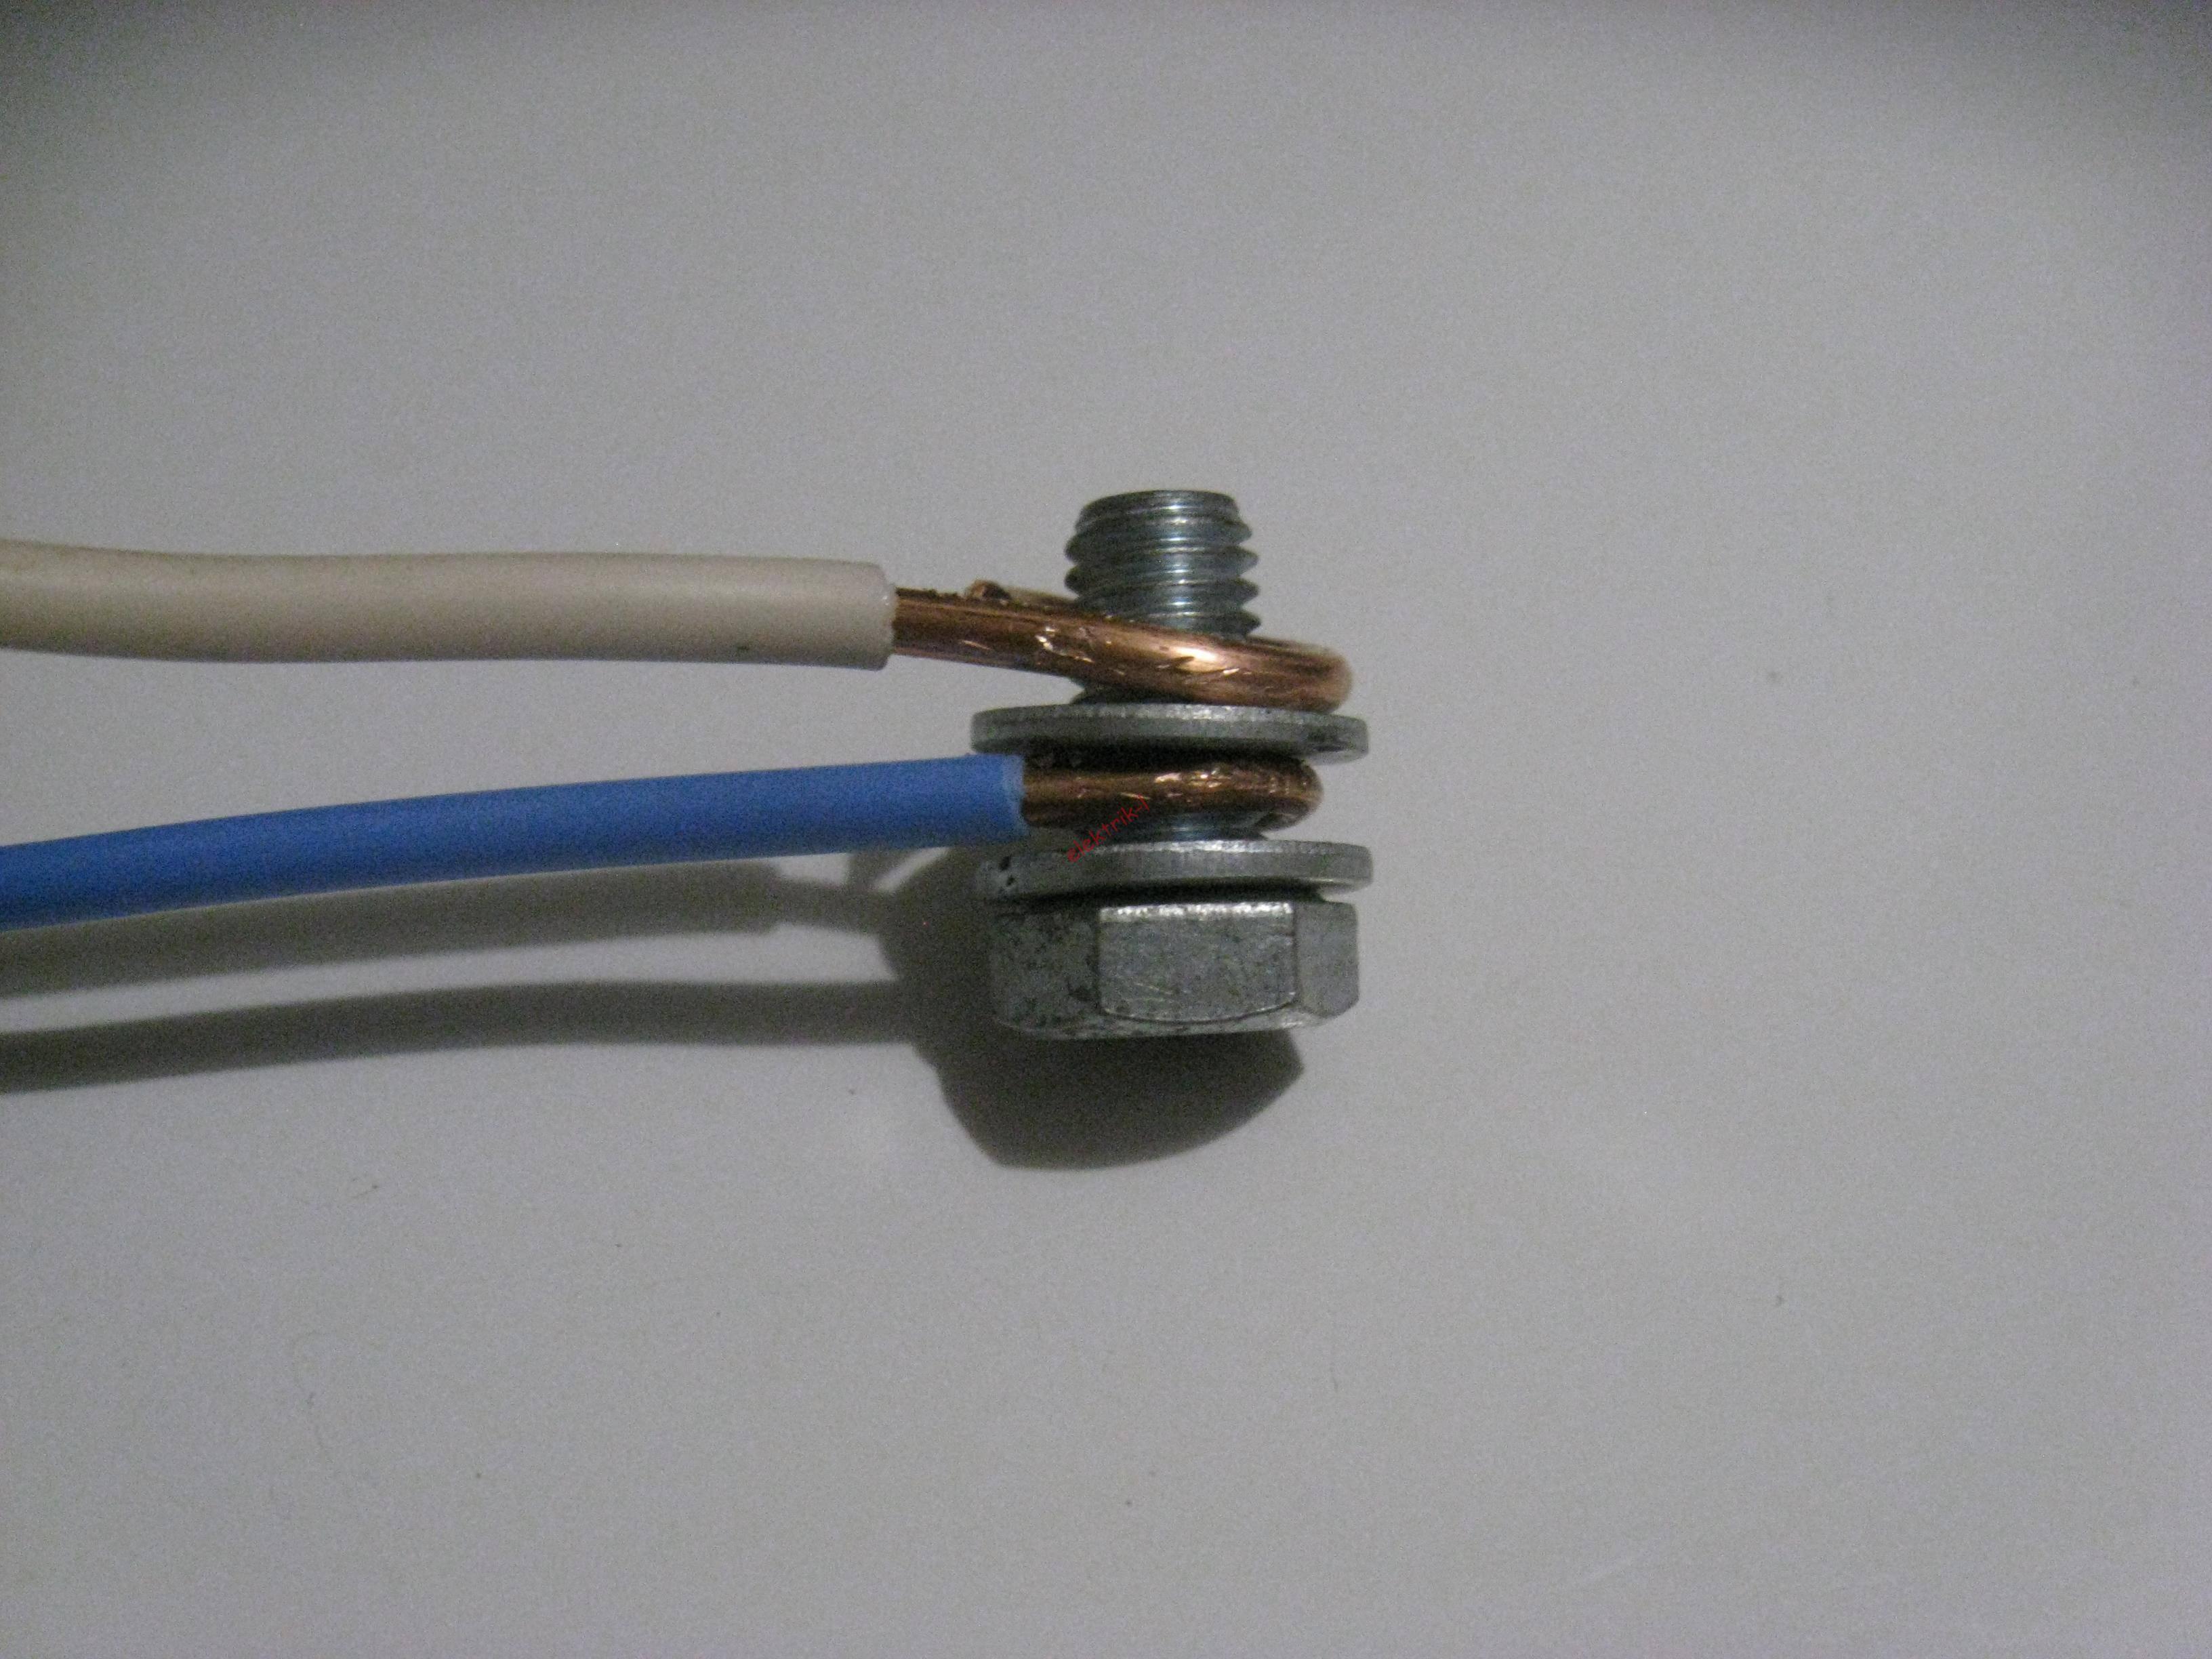 Какими способами соединяют алюминиевый и медный провода